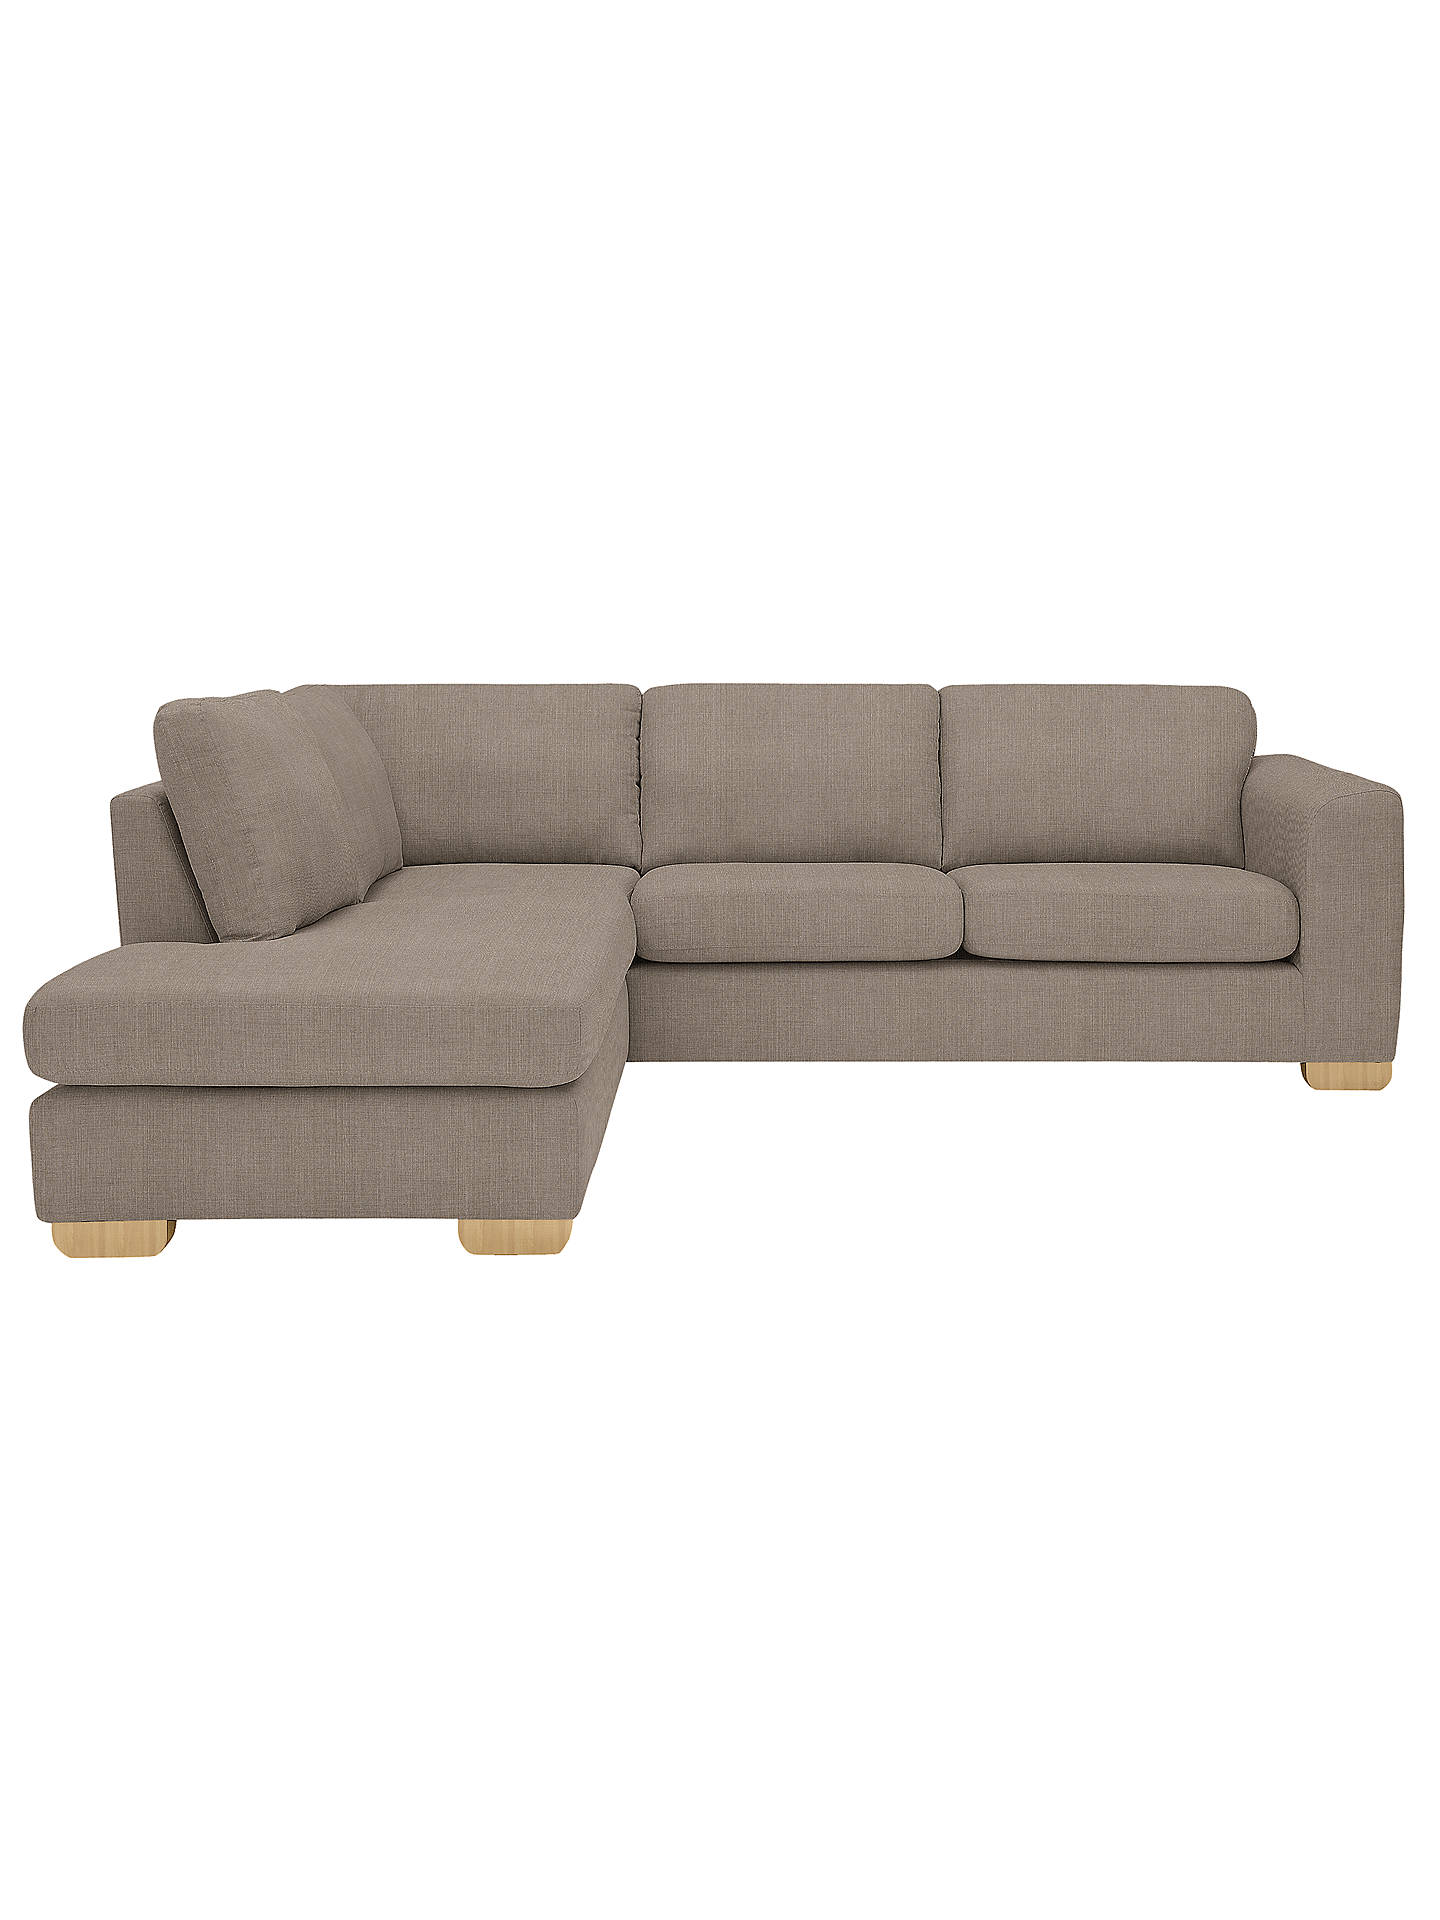 John Lewis Felix LHF Corner Chaise End Sofa, Bala Charcoal